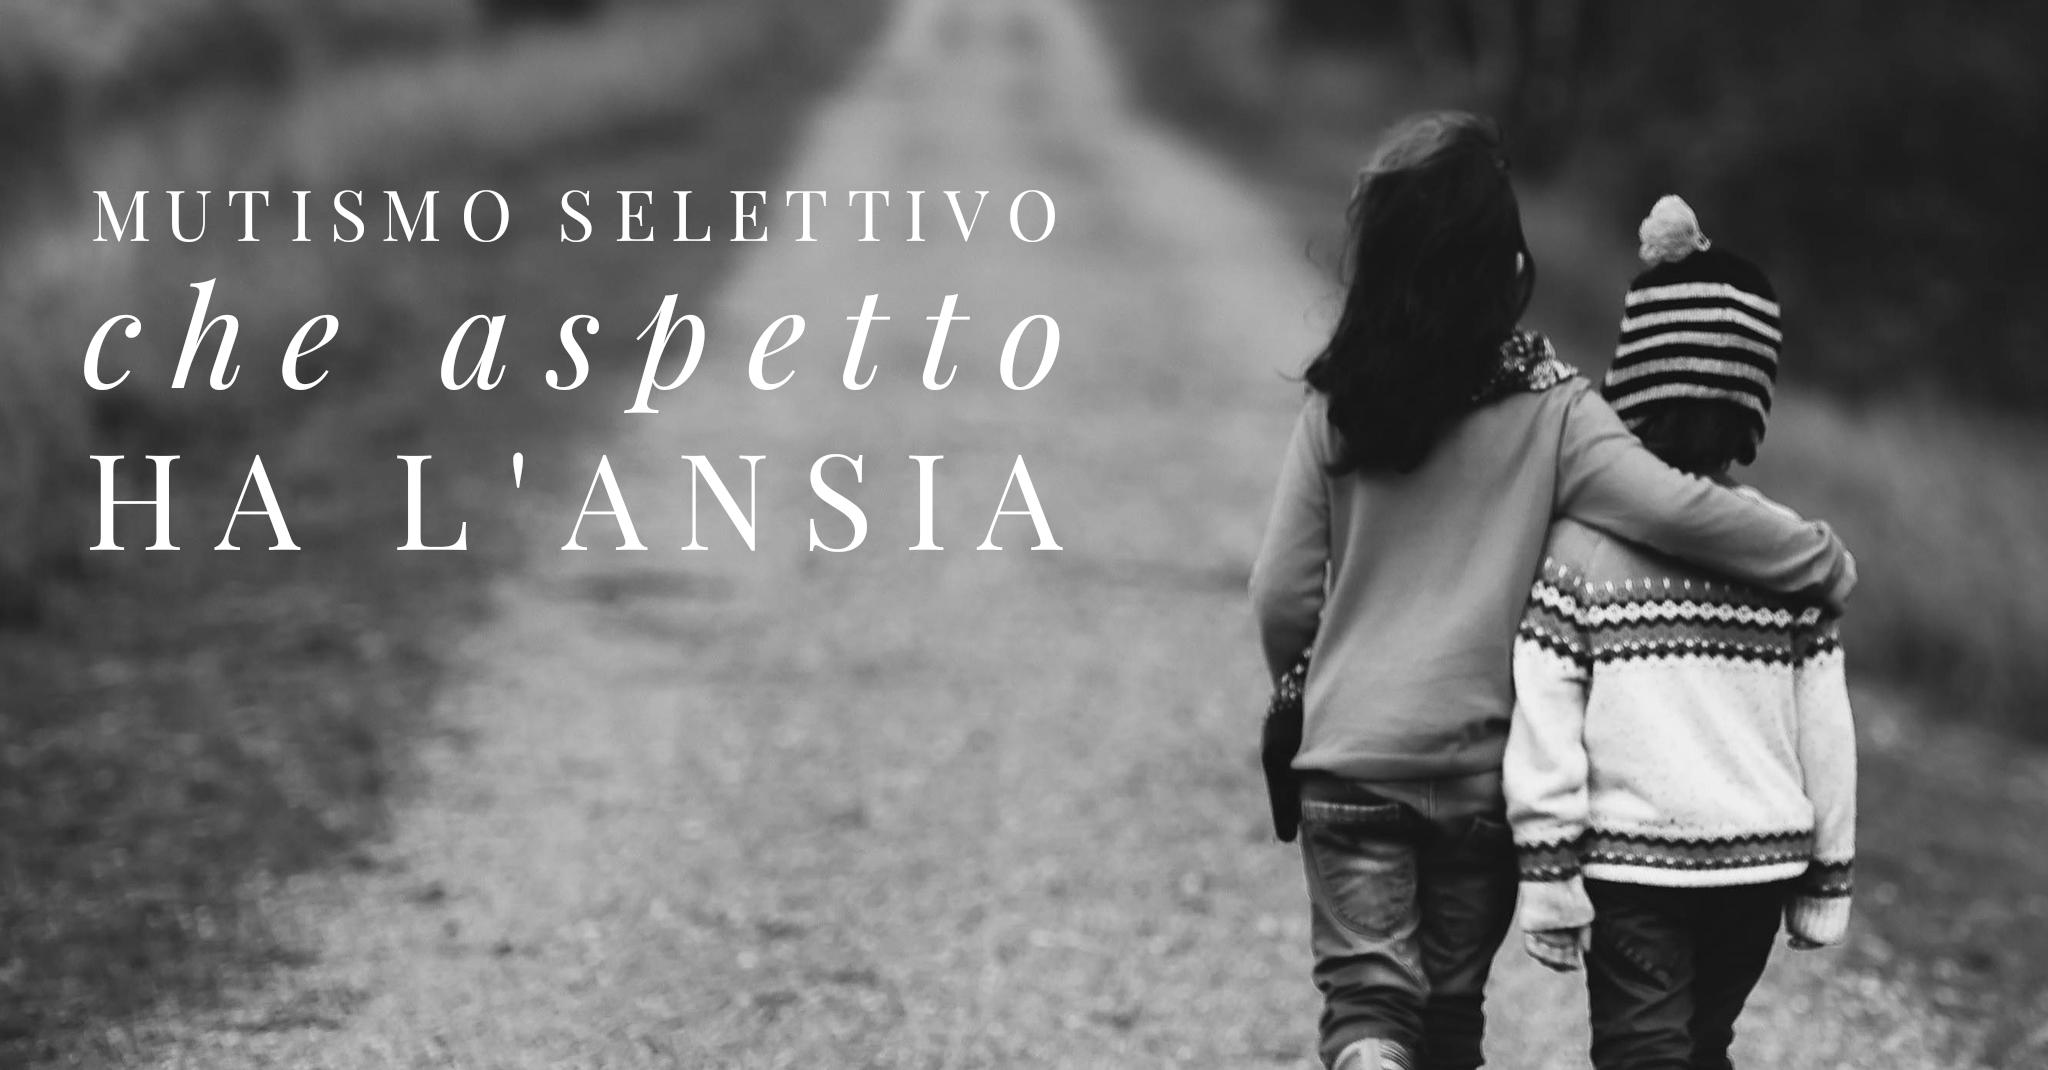 Mutismo Selettivo: da dove viene l'ansia?